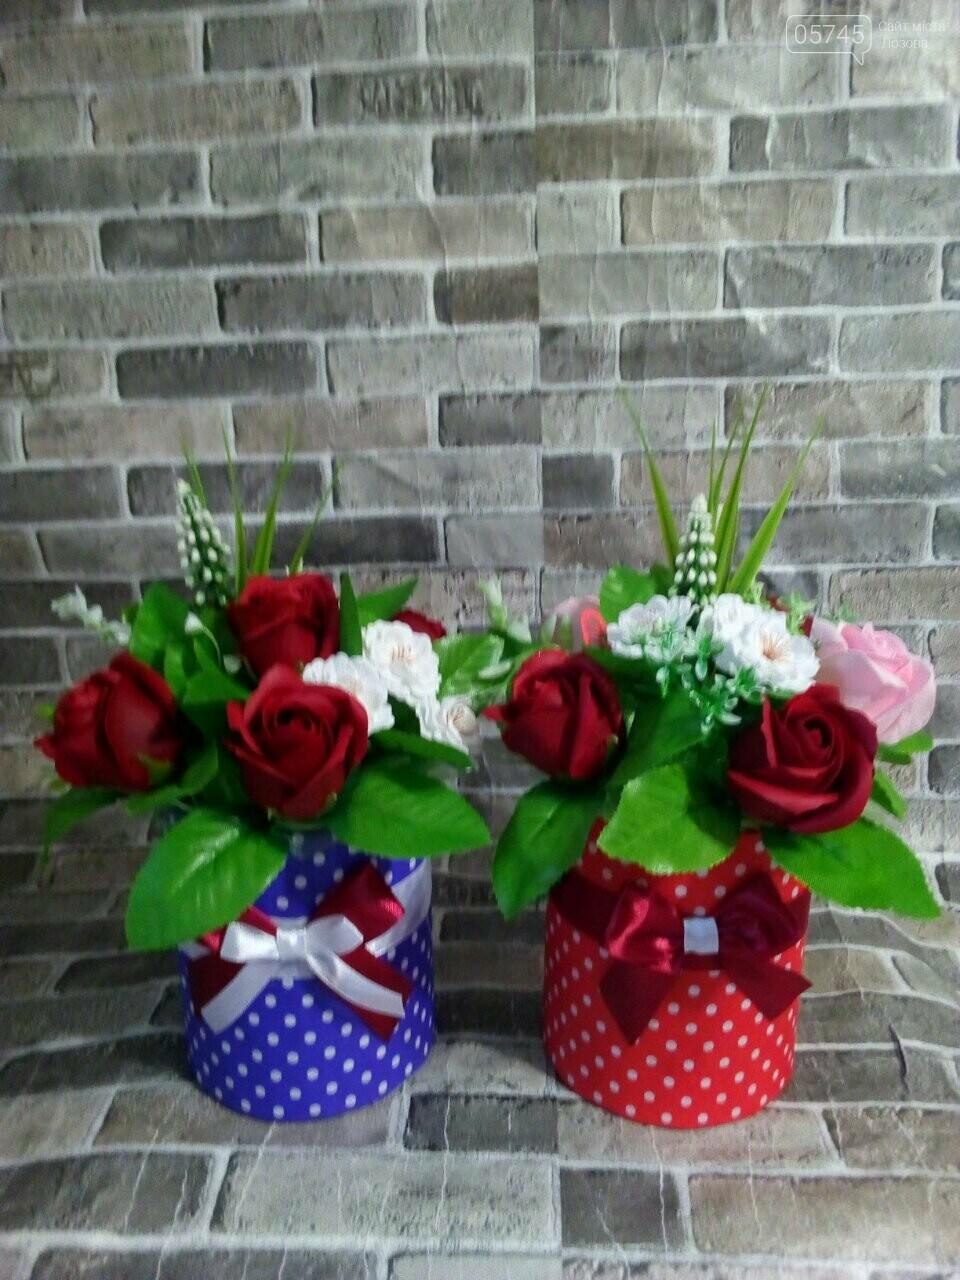 Необычные подарки на День влюбленных: чем удивить любимых в Лозовой, фото-31